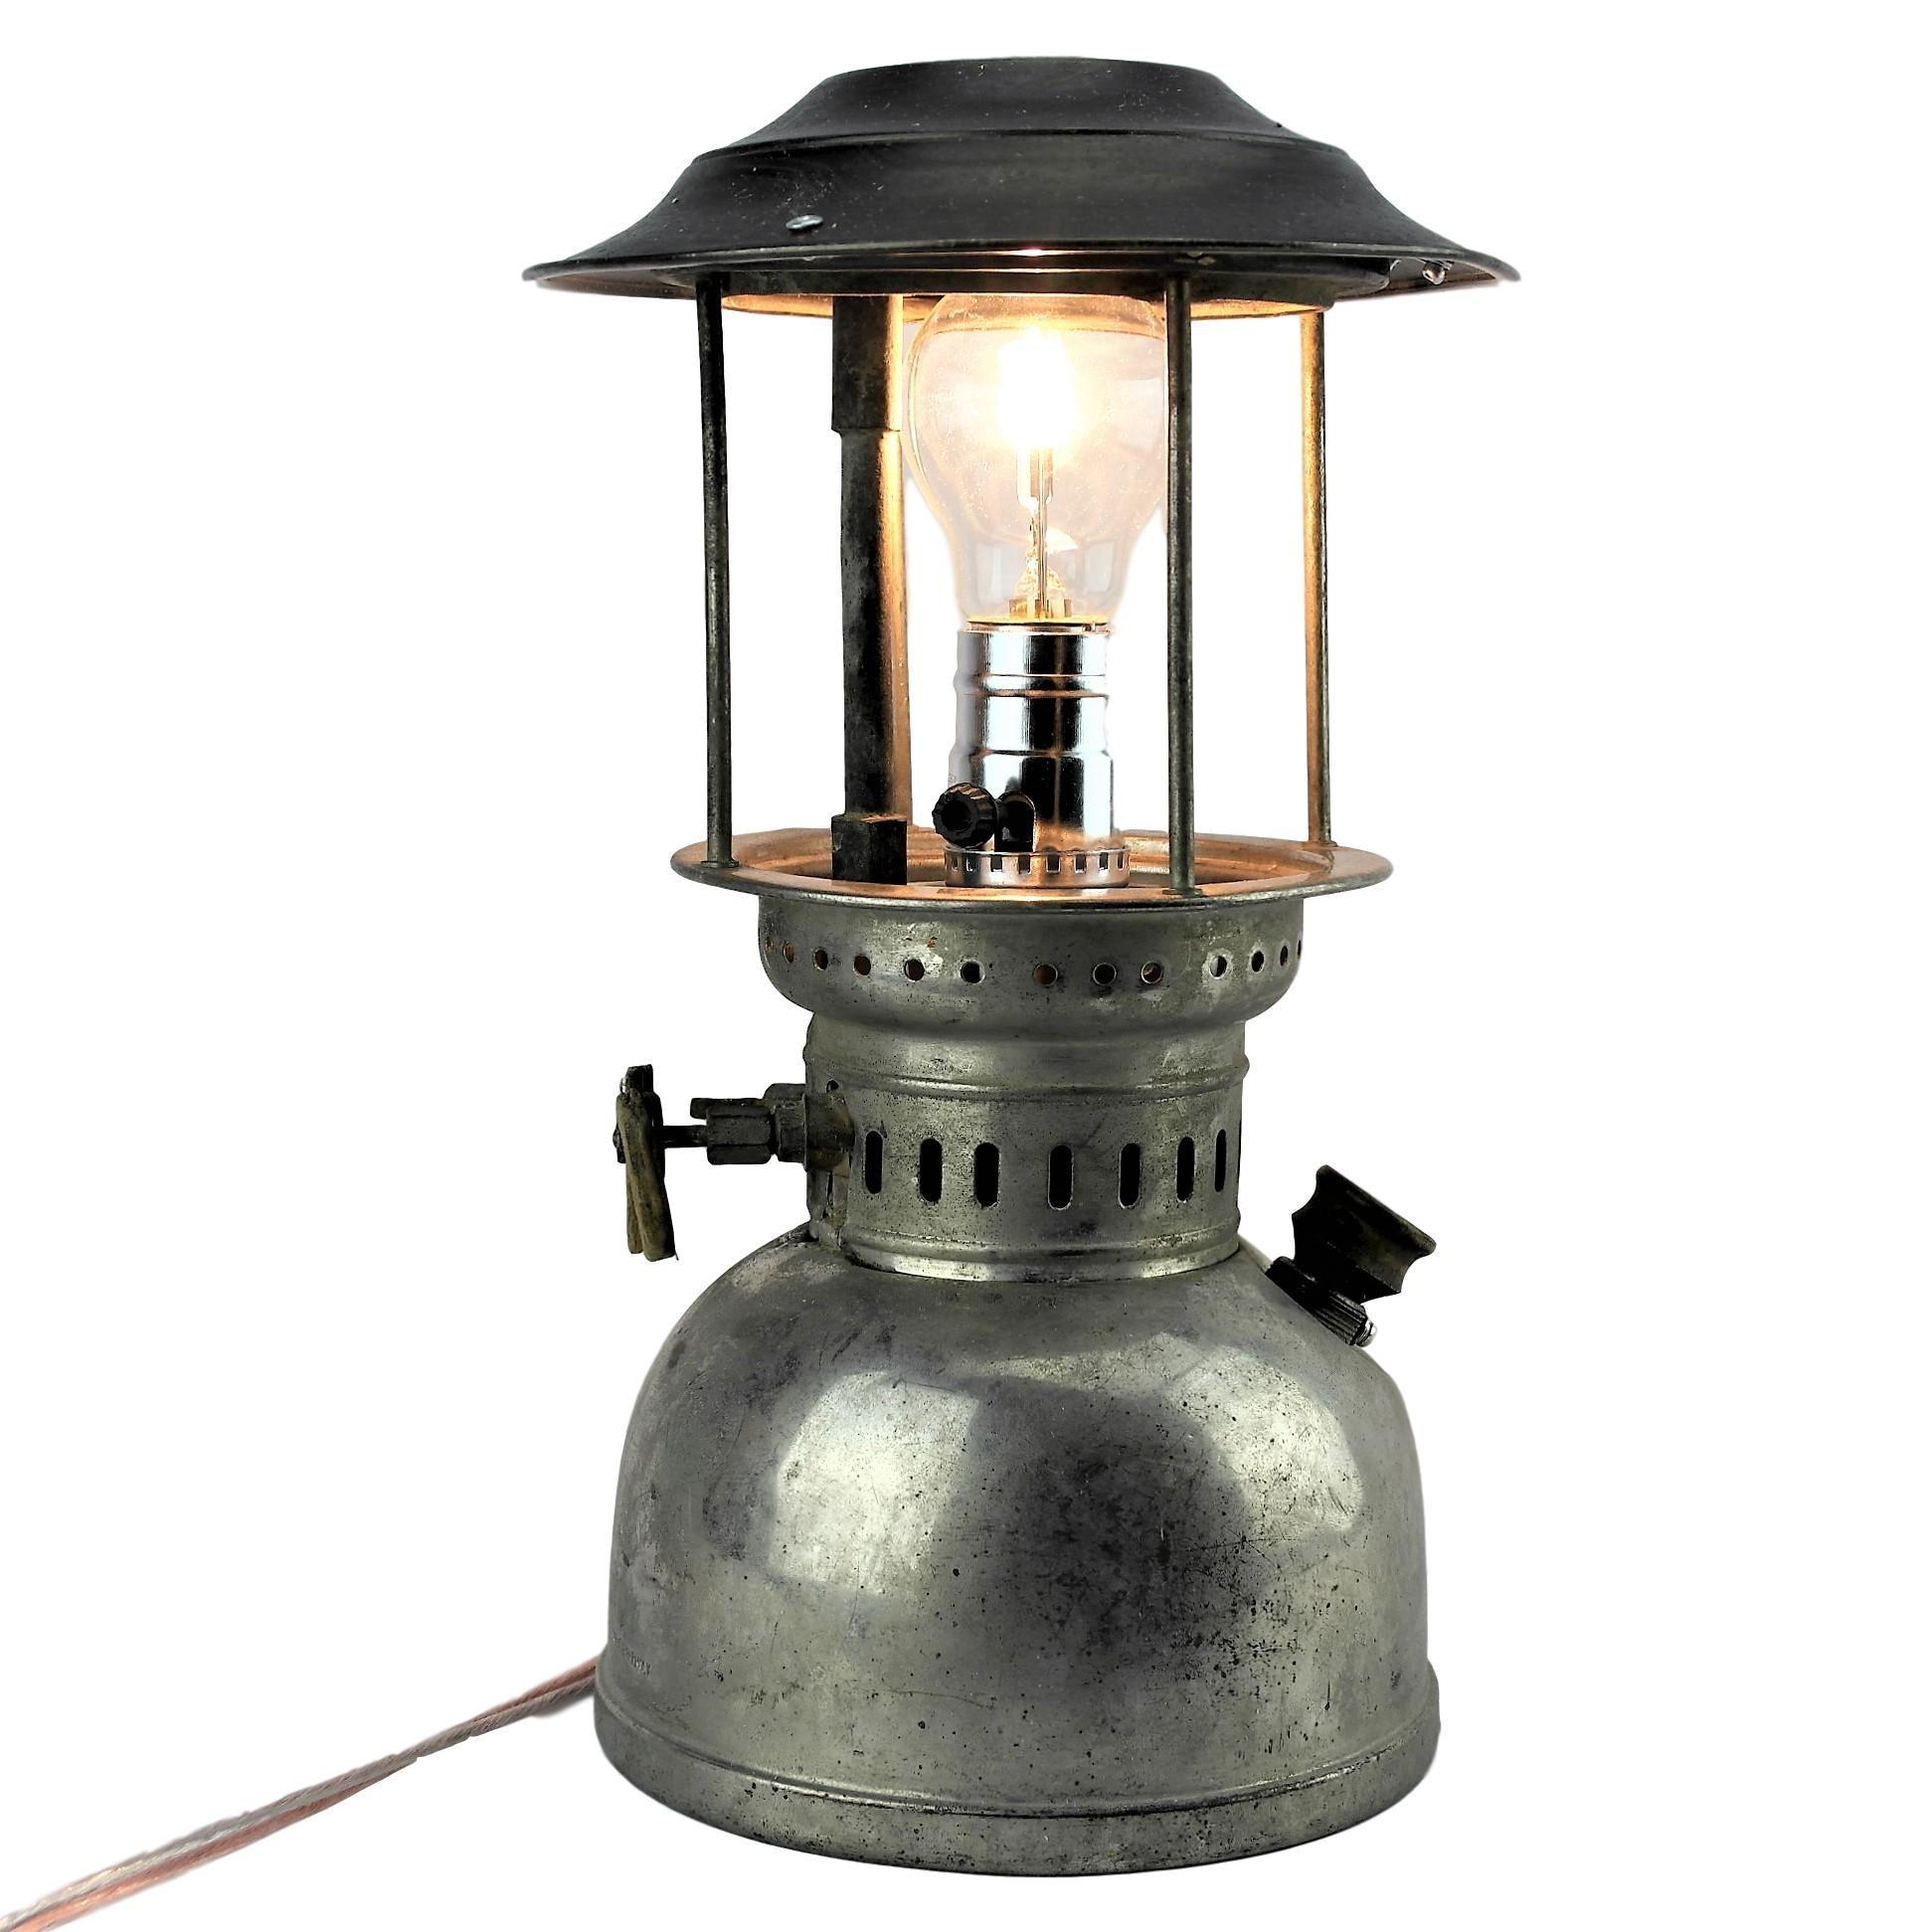 Lampara Quinque Antiguo Gas Vintage Lamp Manualidades Con Casquillos De Balas Quinque Lamparas